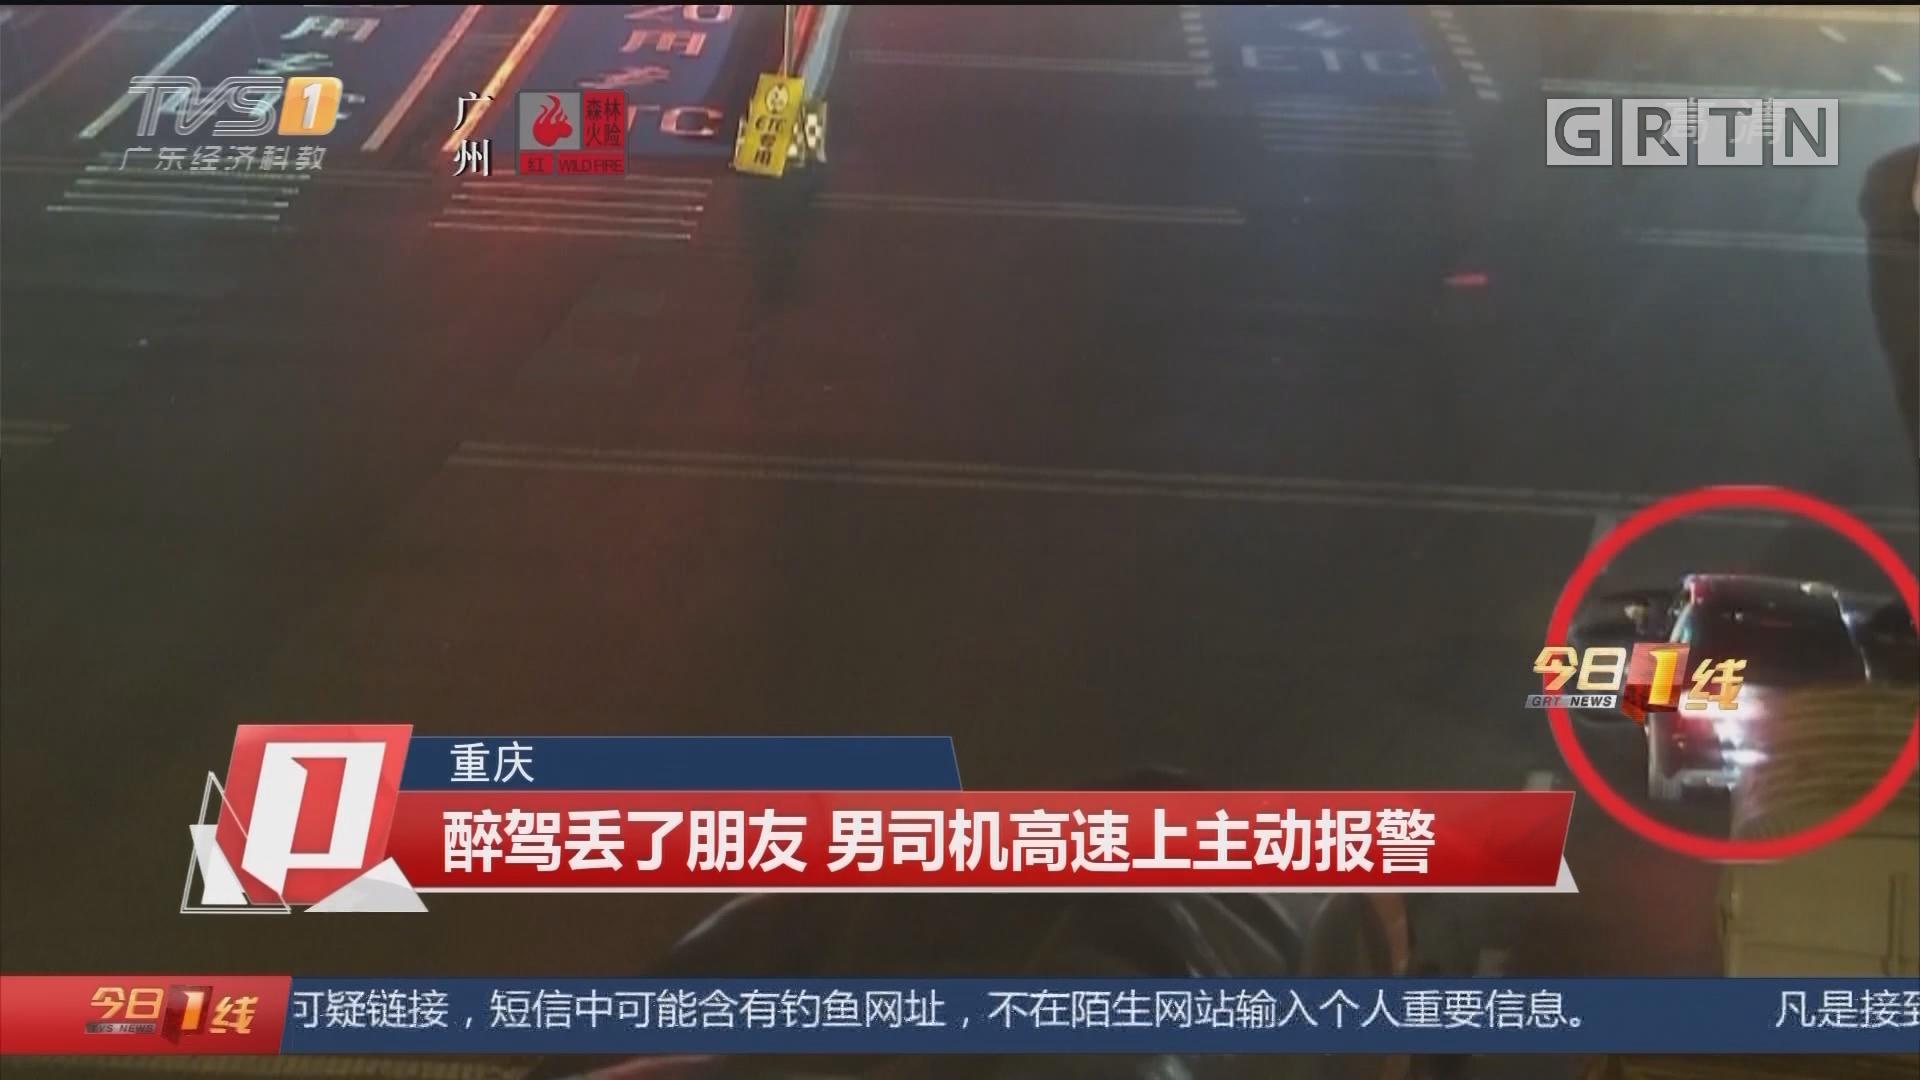 重庆 醉驾丢了朋友 男司机高速上主动报警